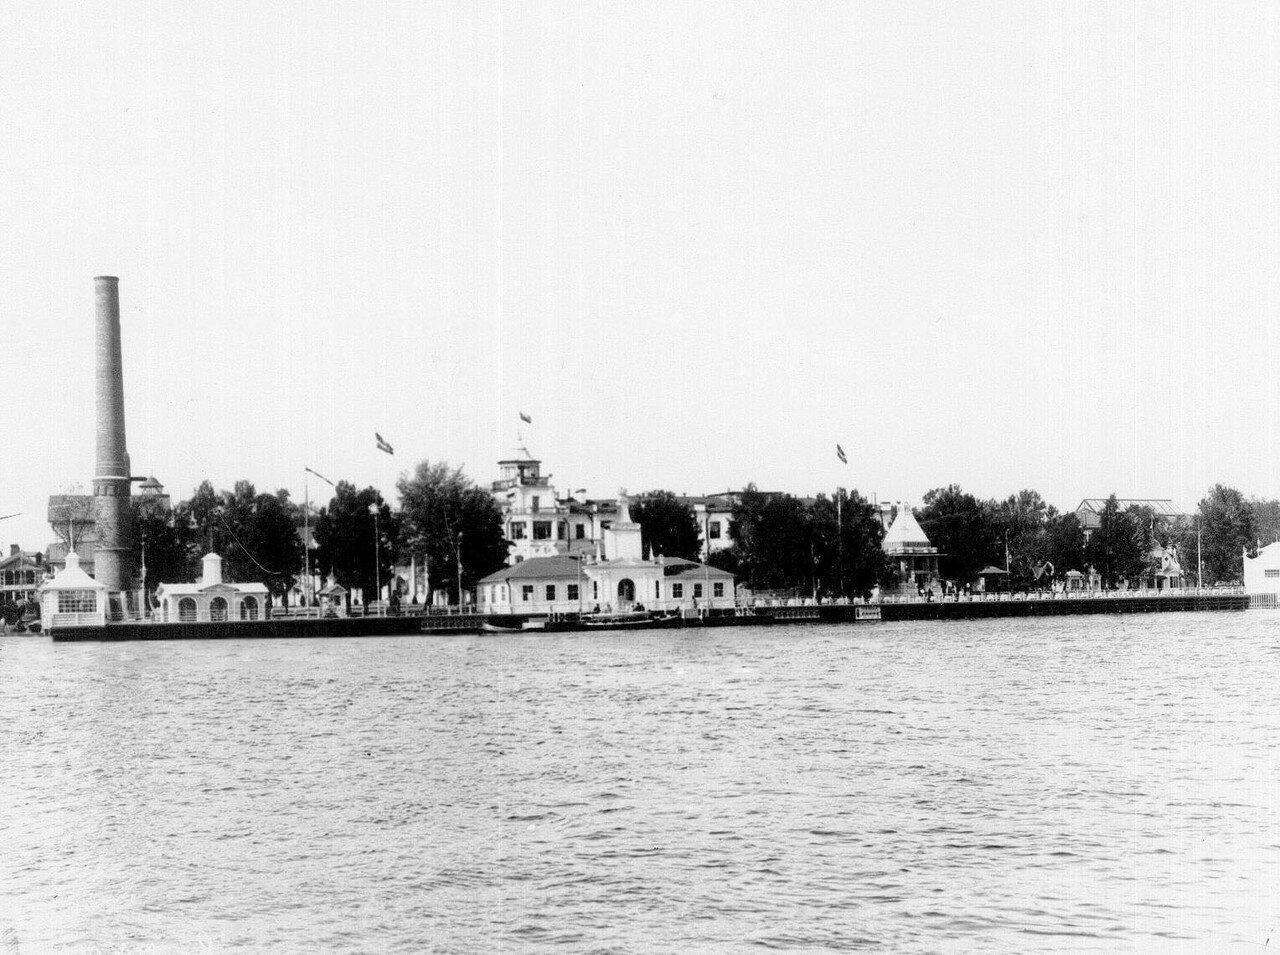 07. Вид выставочных павильонов на Крестовском острове со стороны Большой Невки